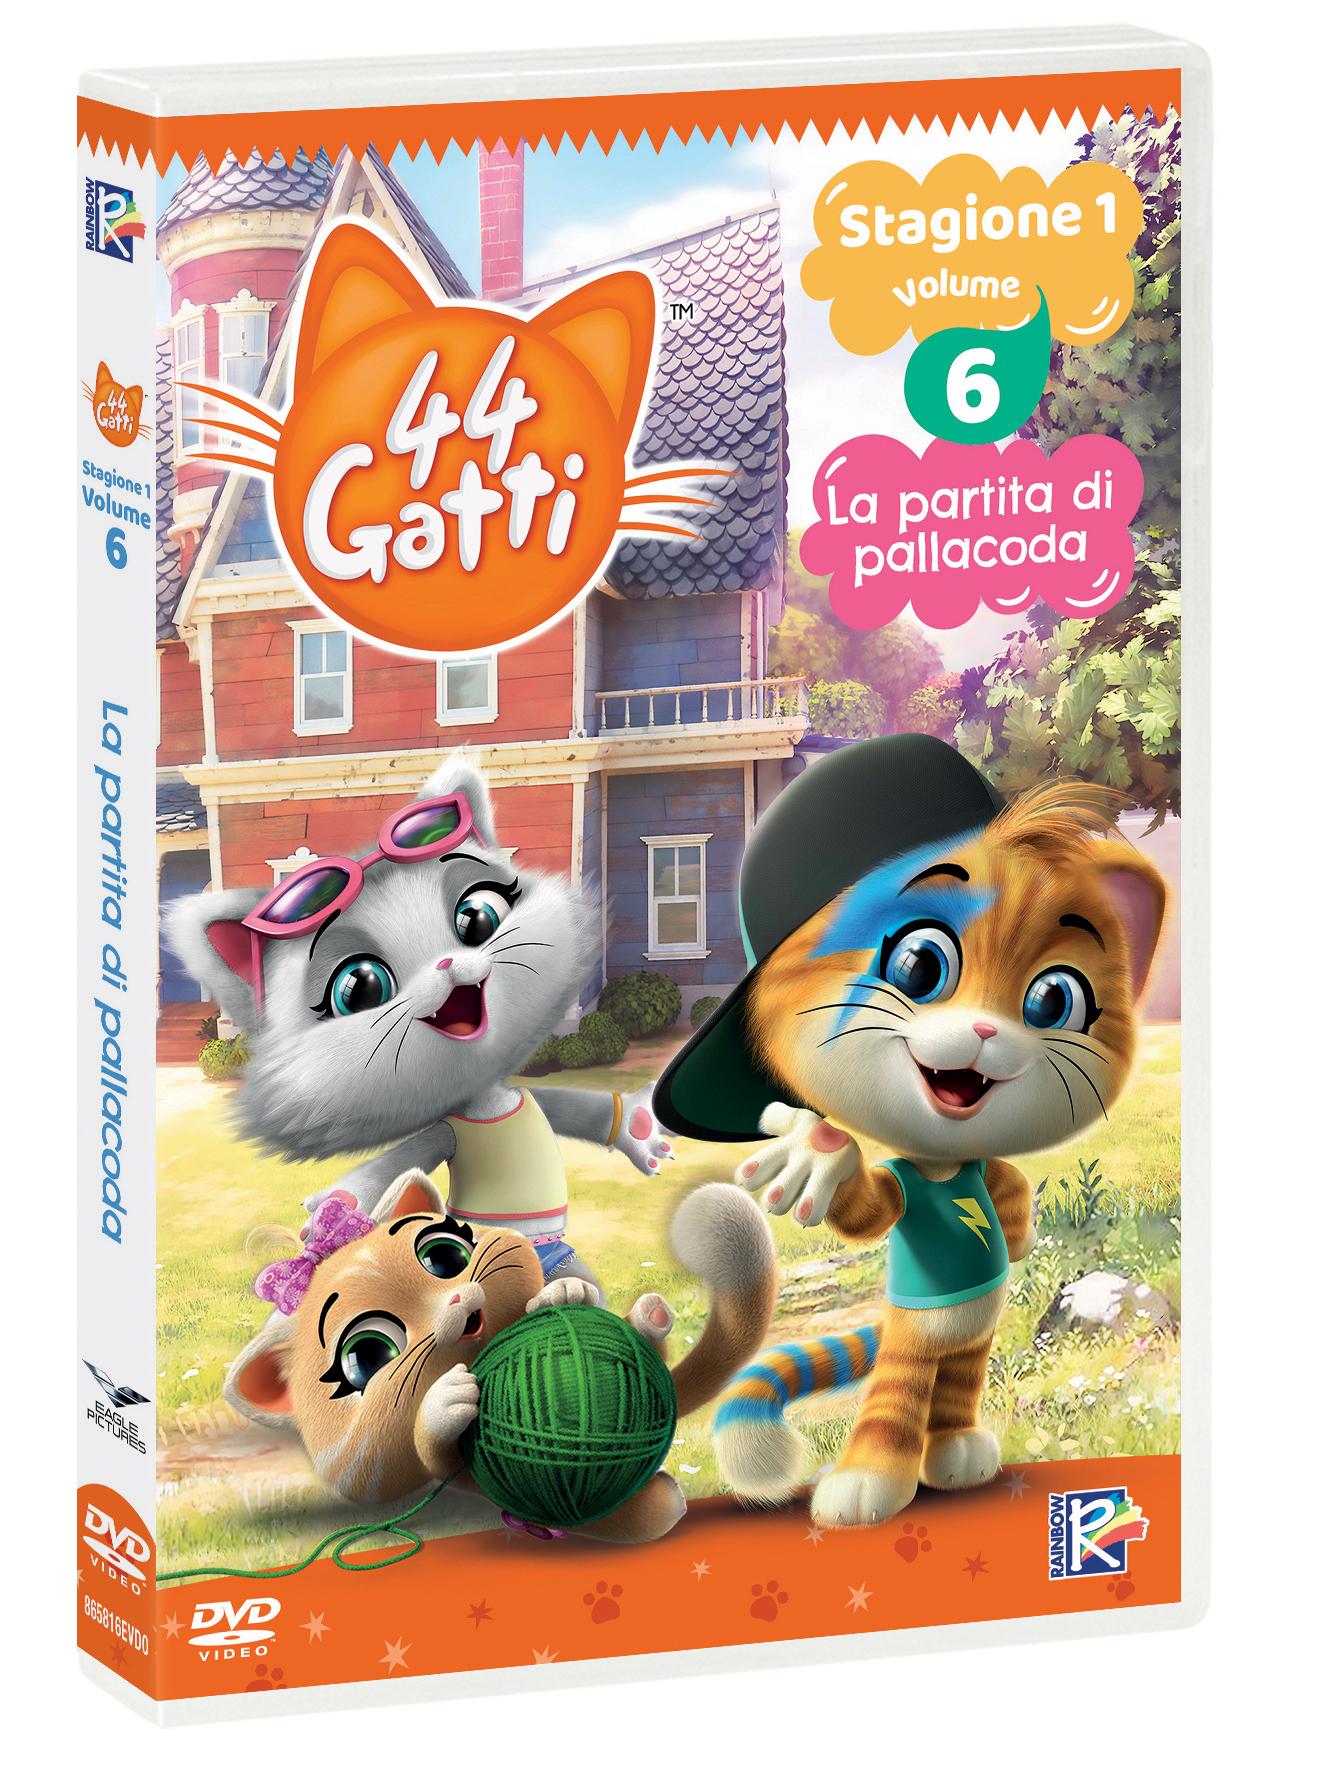 44 GATTI #06 - LA PARTITA DI PALLACODA (DVD)